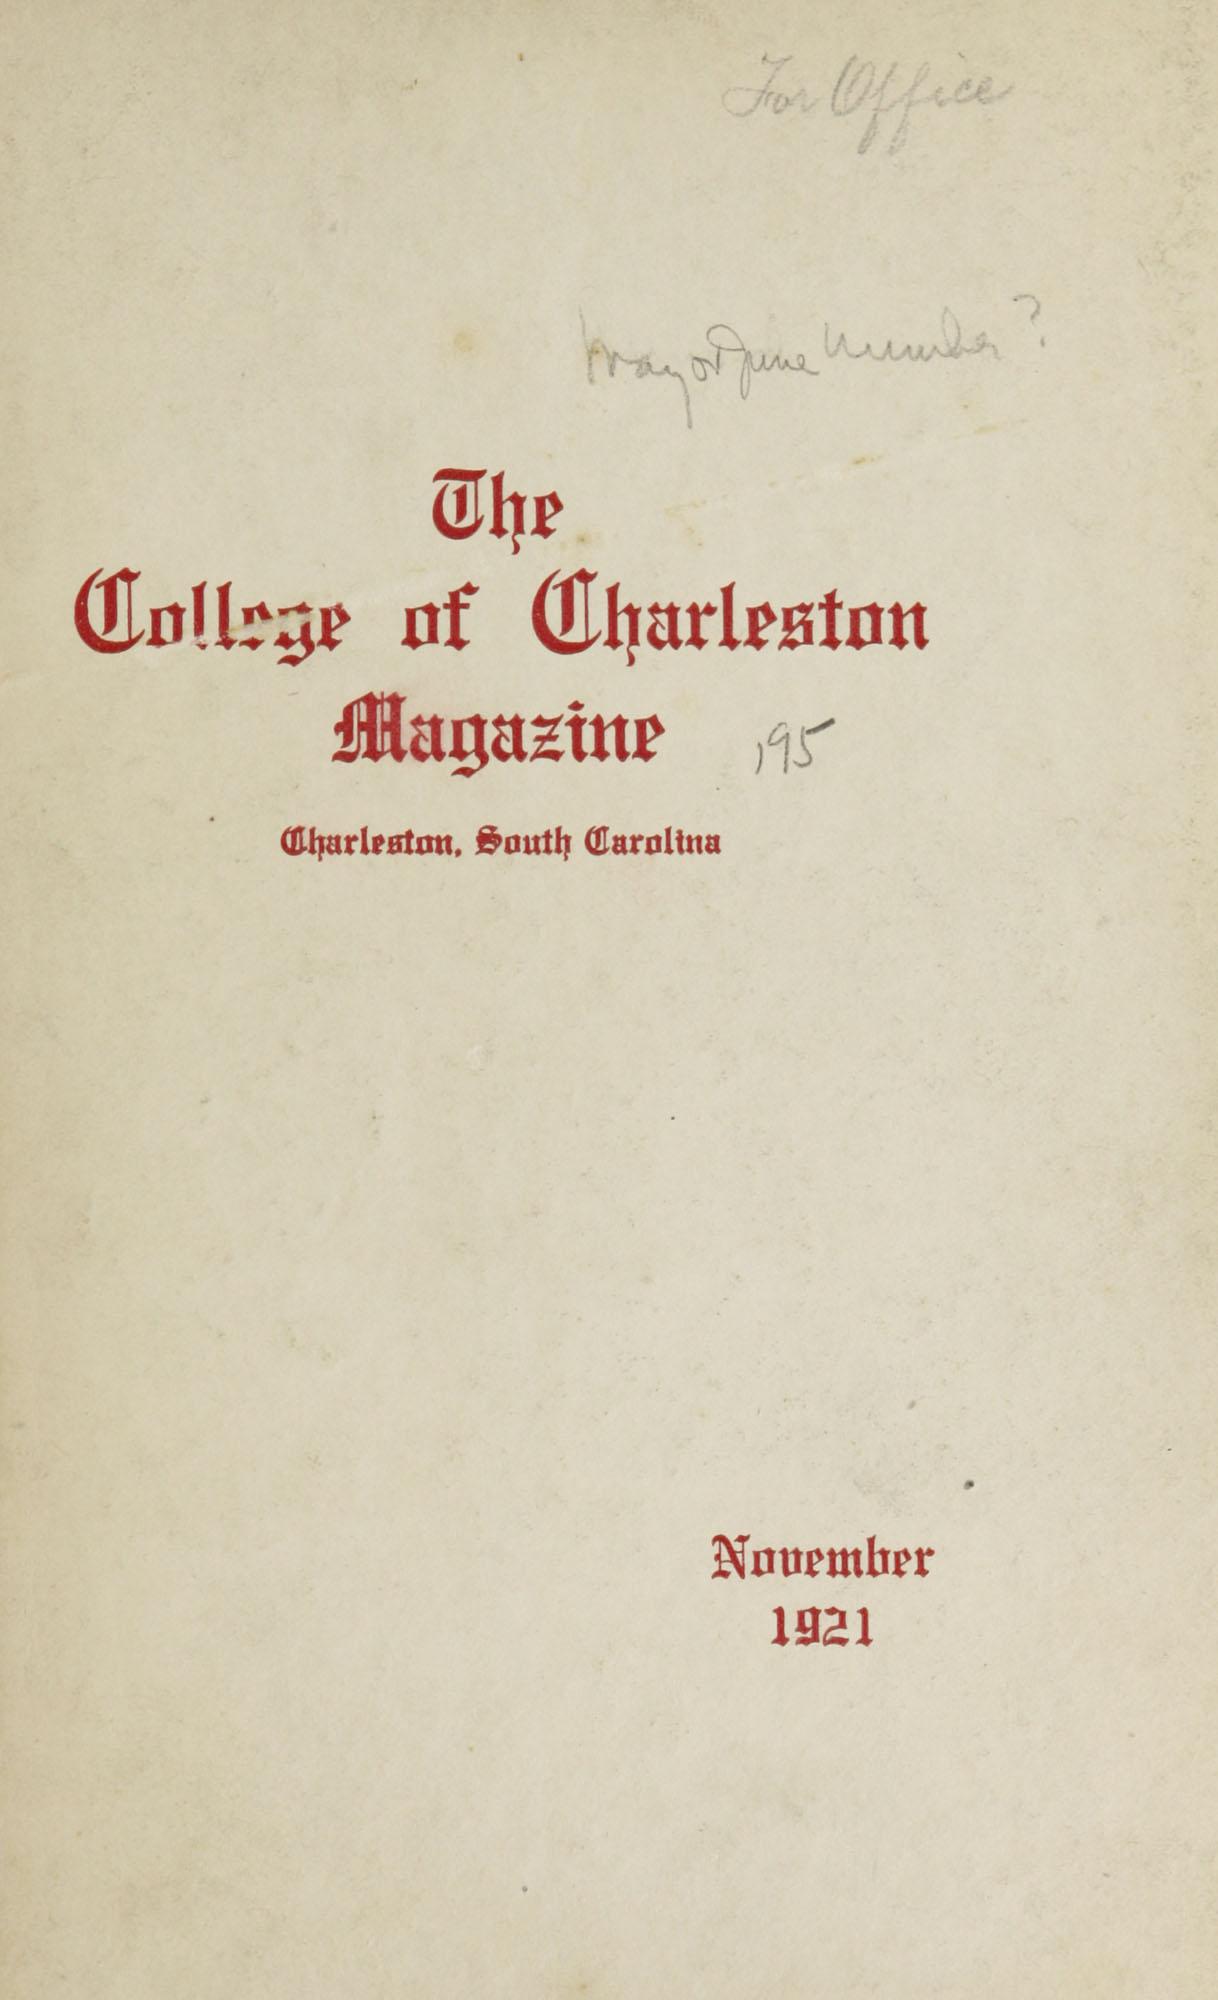 College of Charleston Magazine, 1921-1922